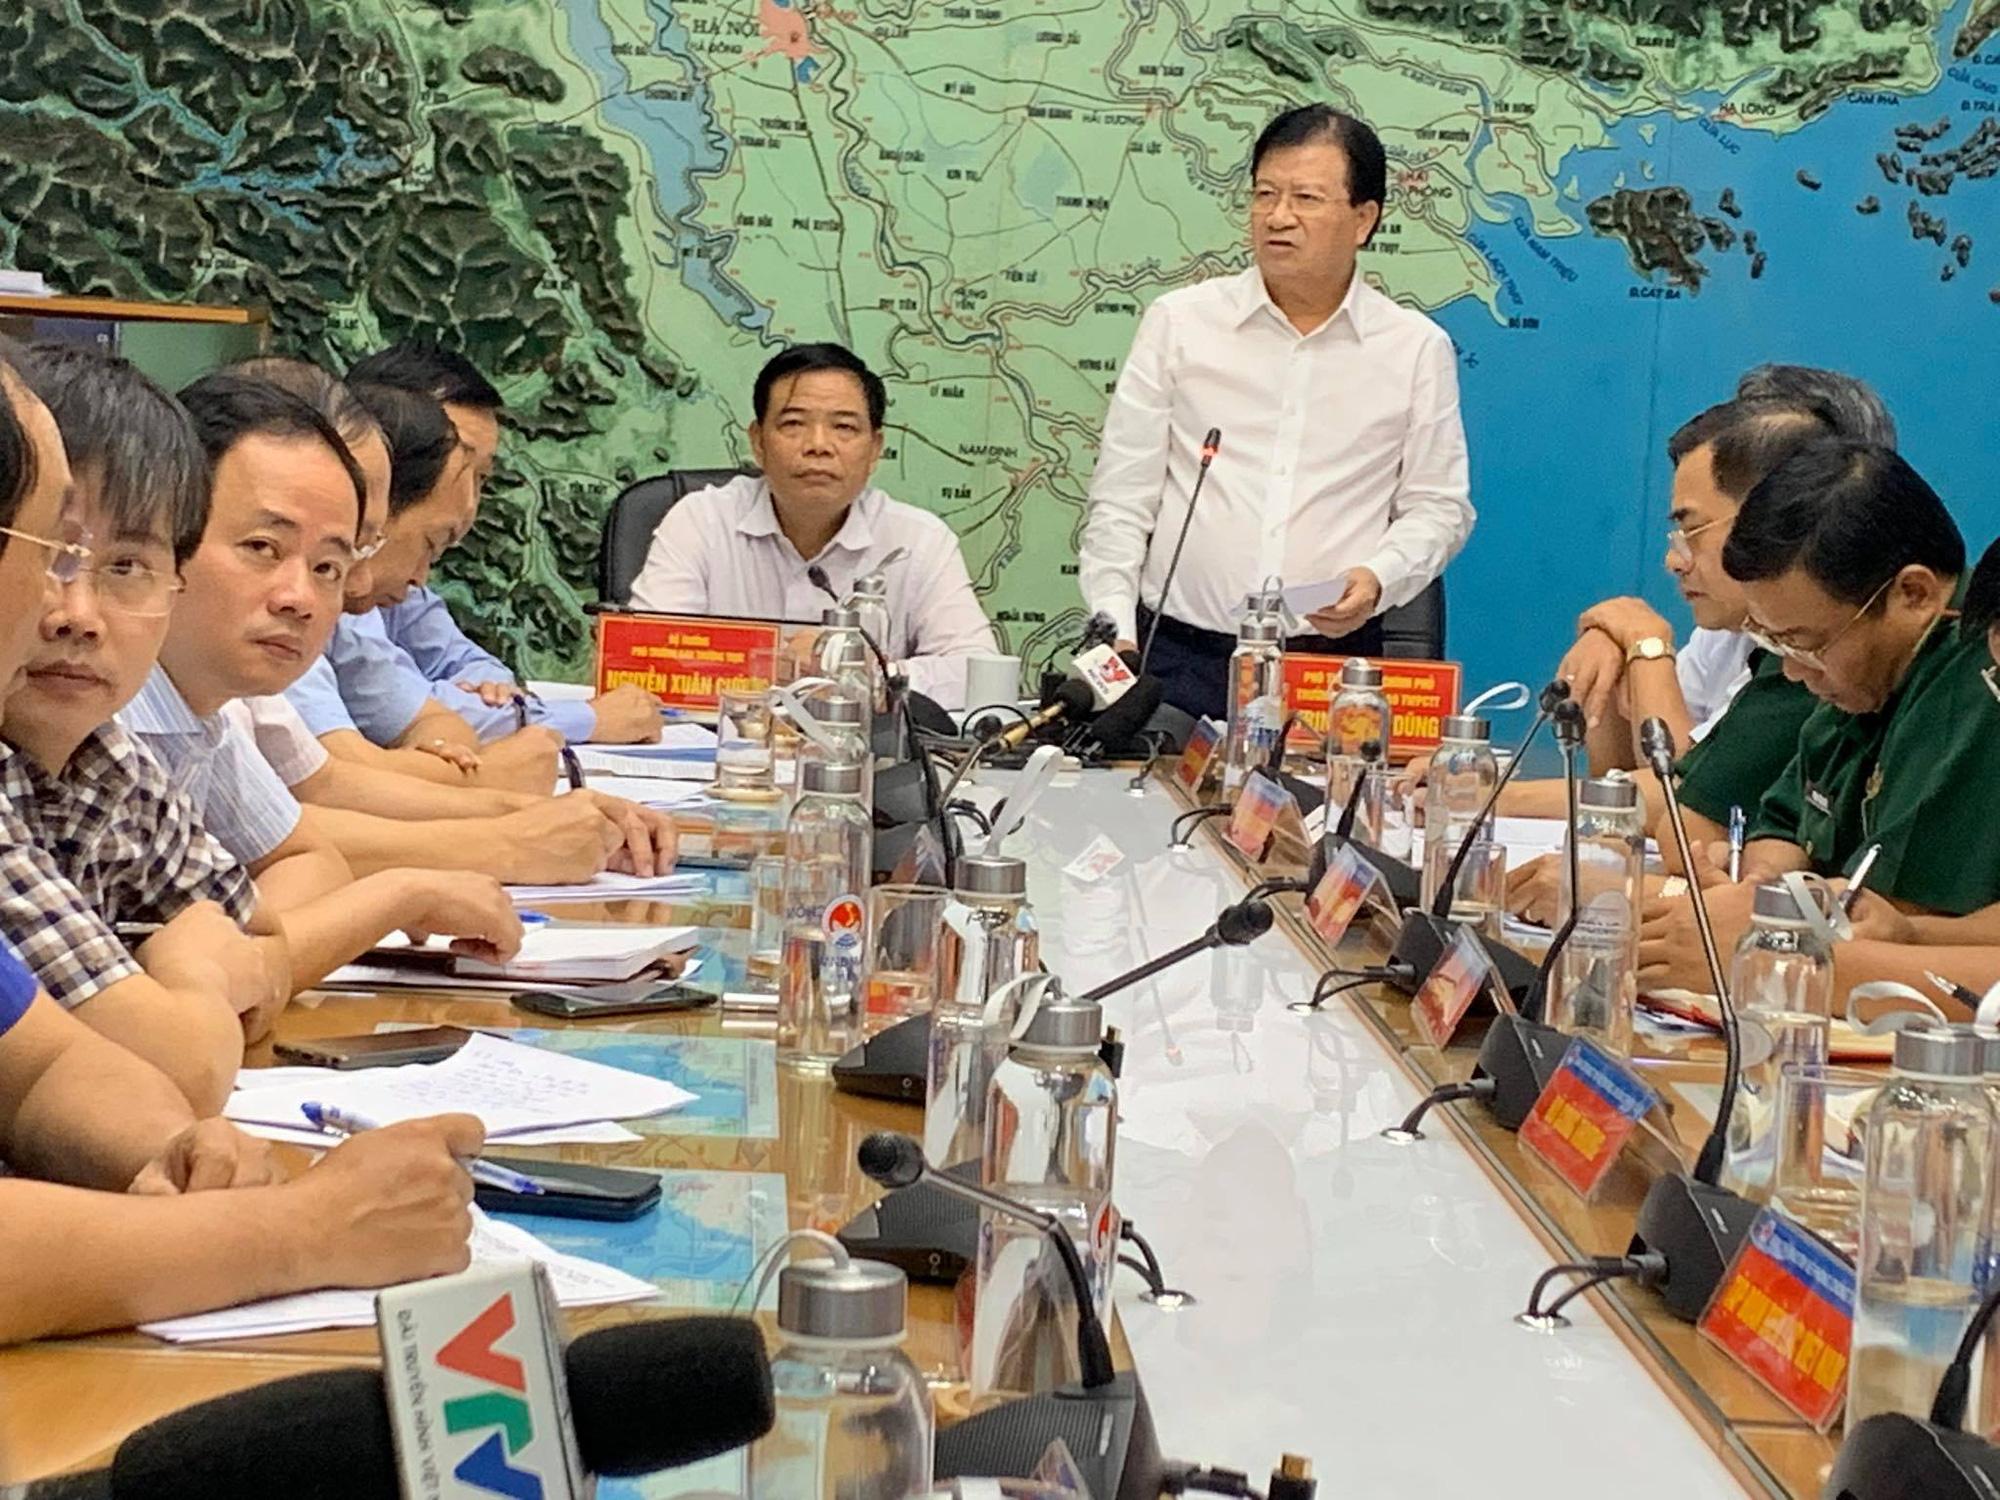 Bão đổ bộ vào đất liền trong ngày mai, Phó Thủ tướng Trịnh Đình Dũng chỉ đạo khẩn - Ảnh 1.